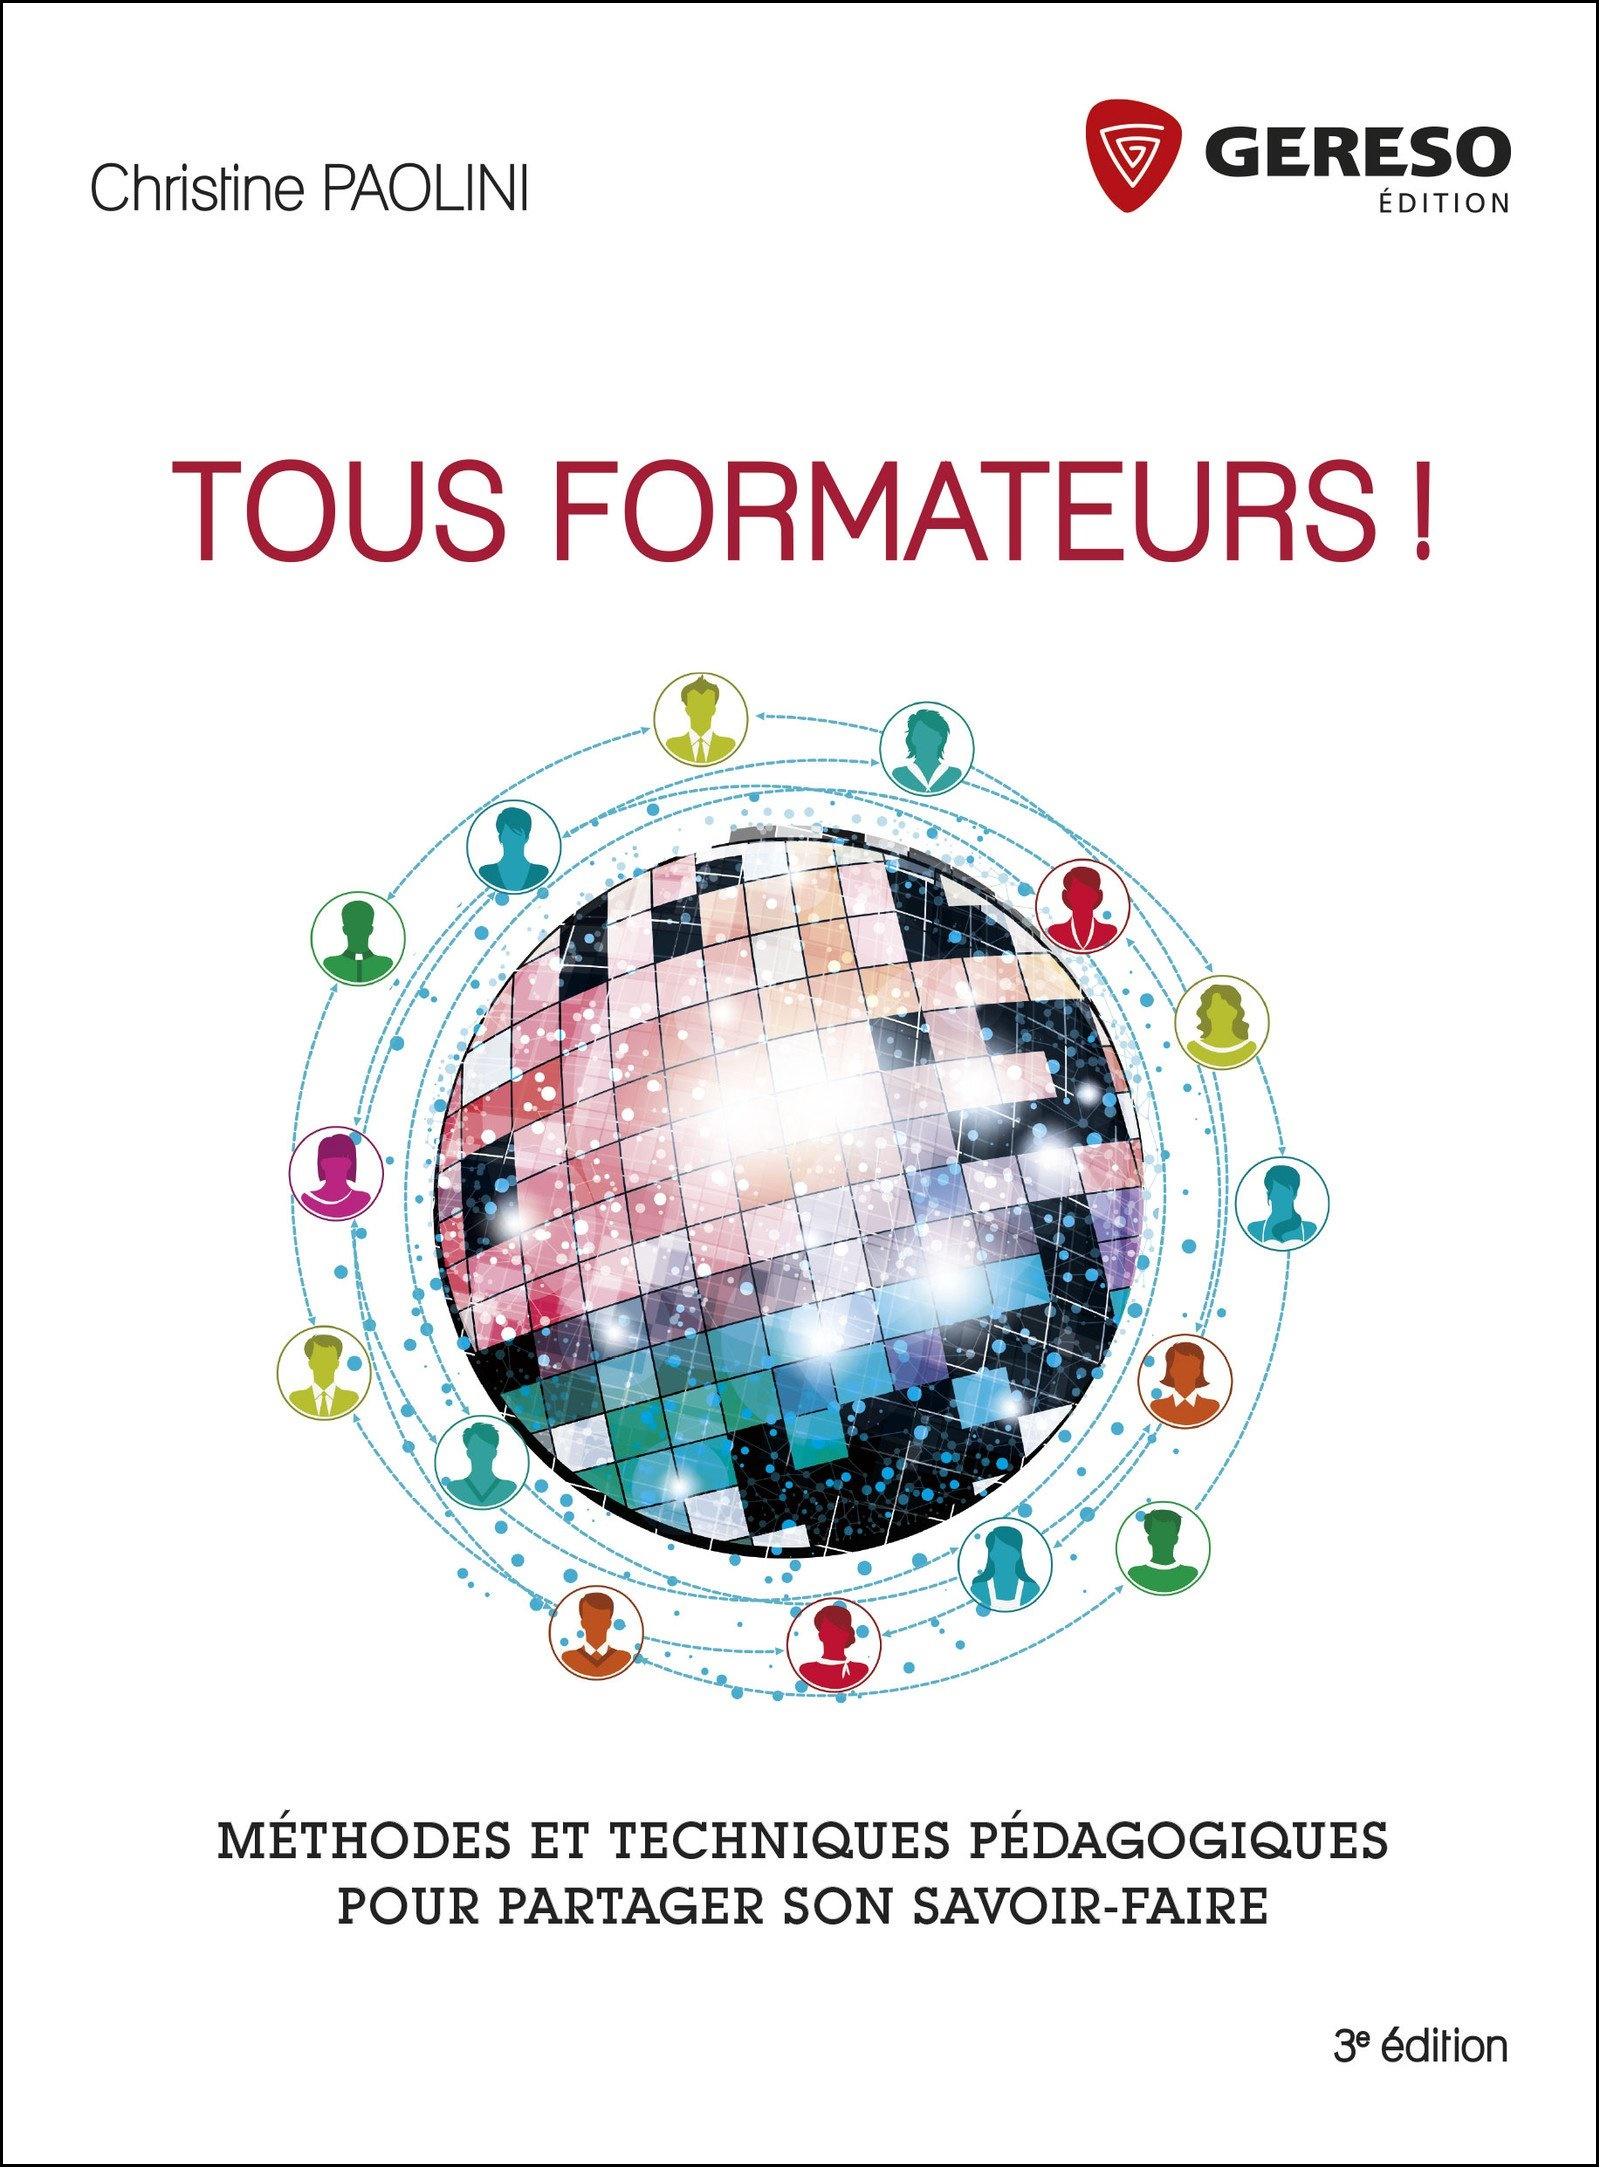 télécharger Tous formateurs ! (2017) : Méthodes et techniques pédagogiques pour partager son savoir-faire